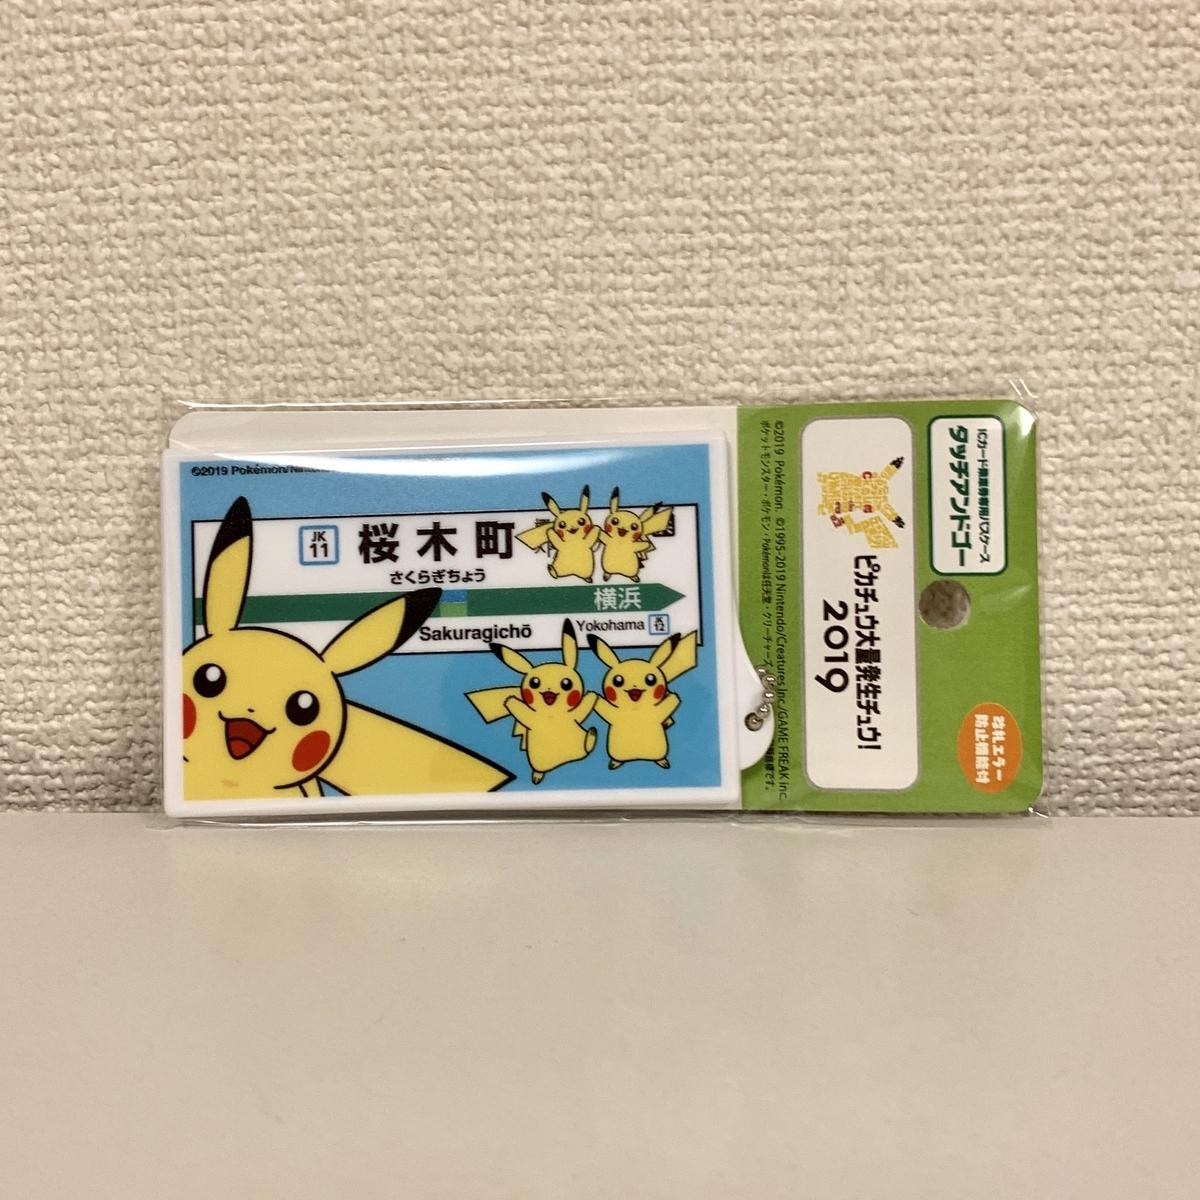 f:id:pikachu_pcn:20190803222342j:plain